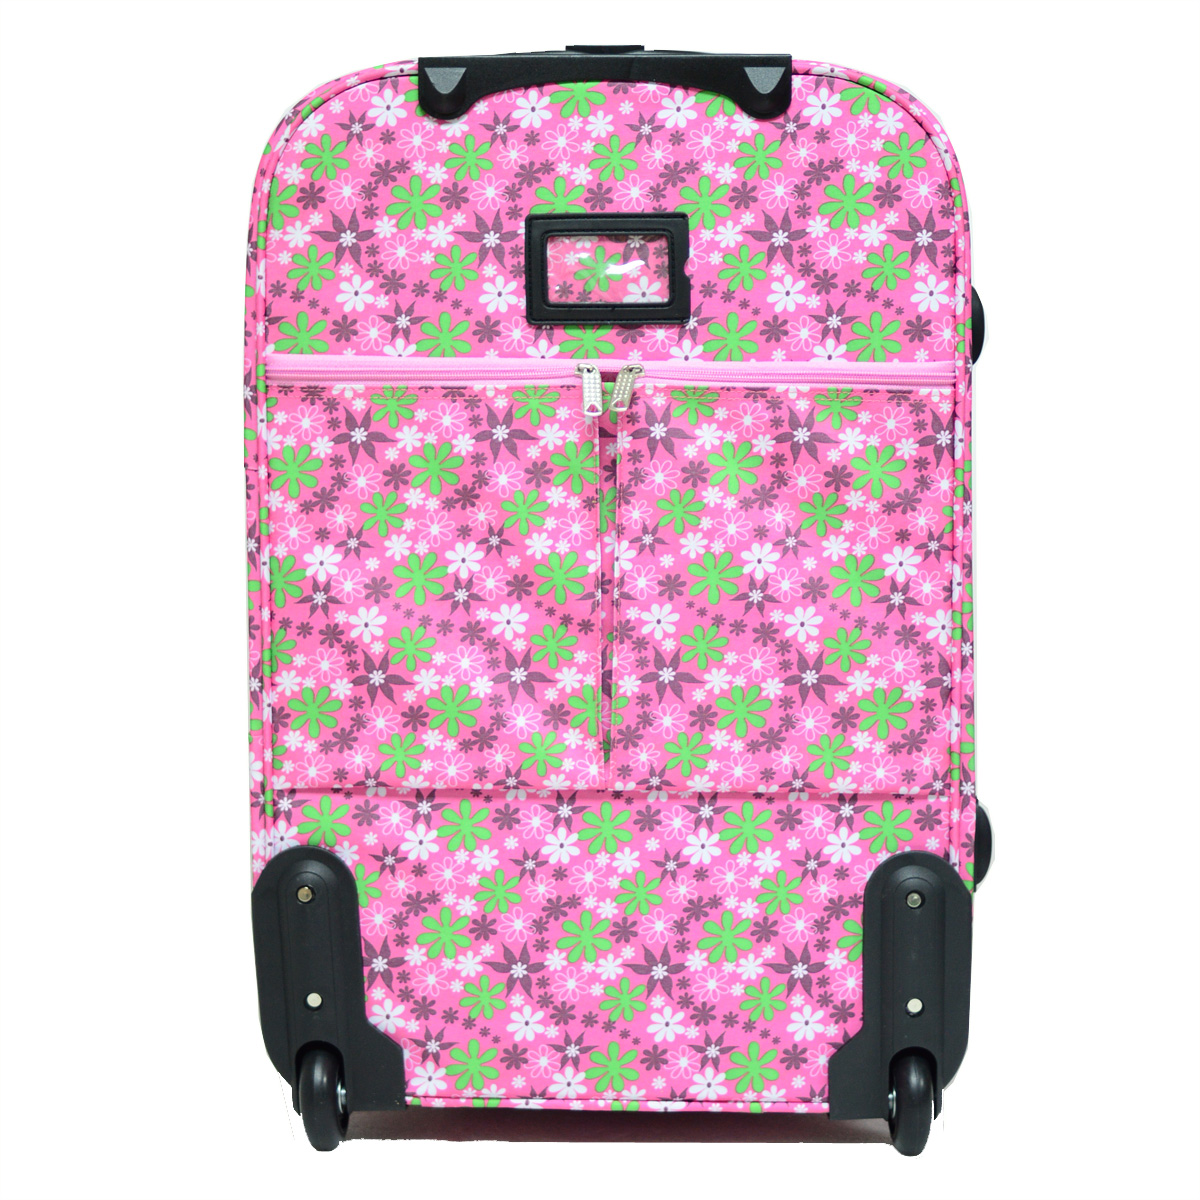 EVA Softshell Trolley Luggage